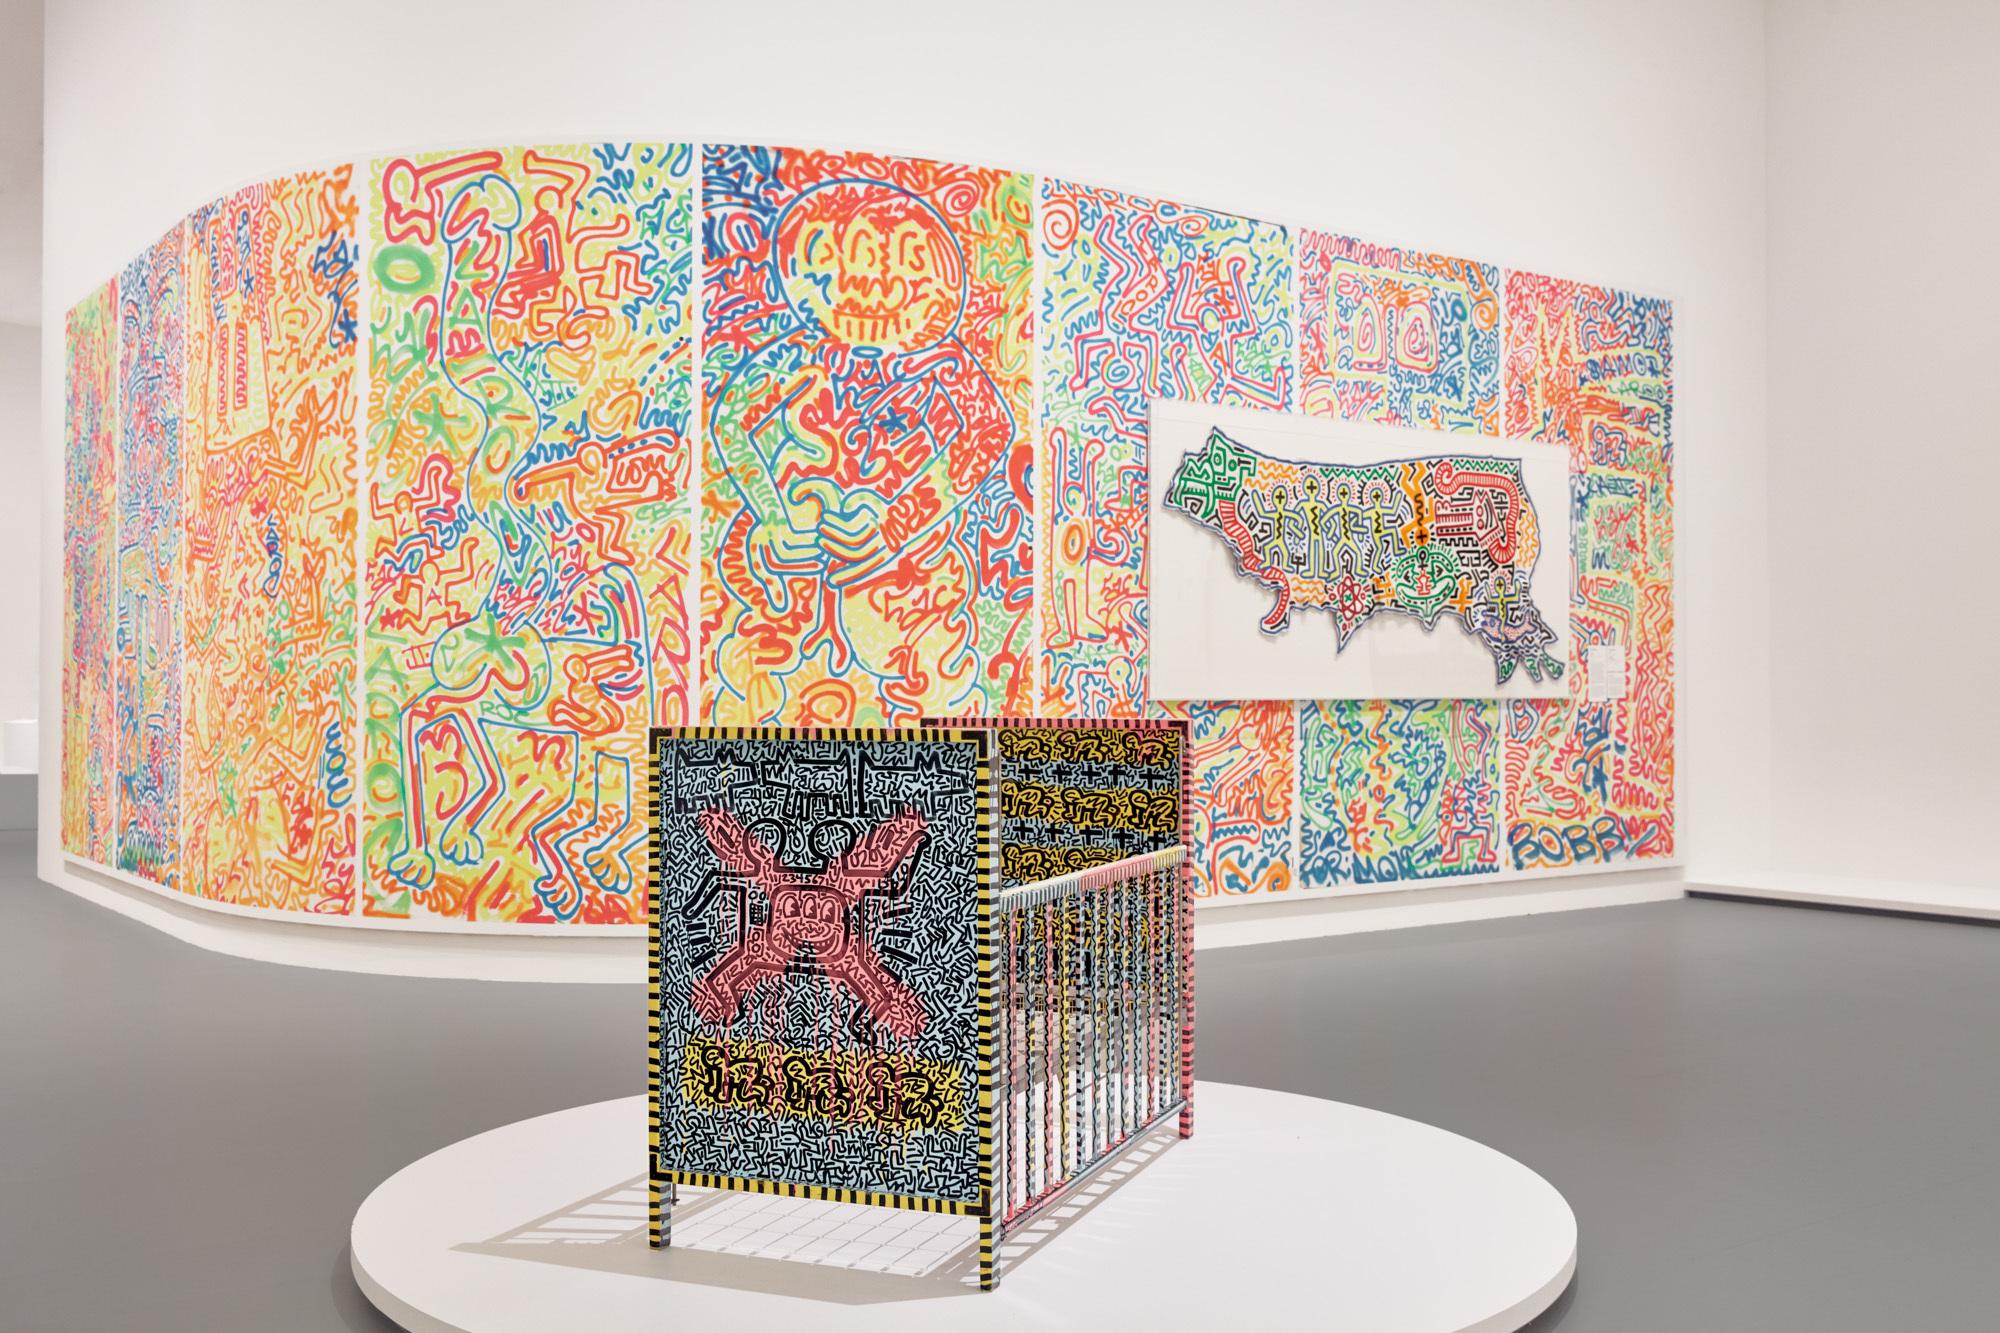 La mostra di Haring e Basquiat online grazie alle National Gallery of Victoria